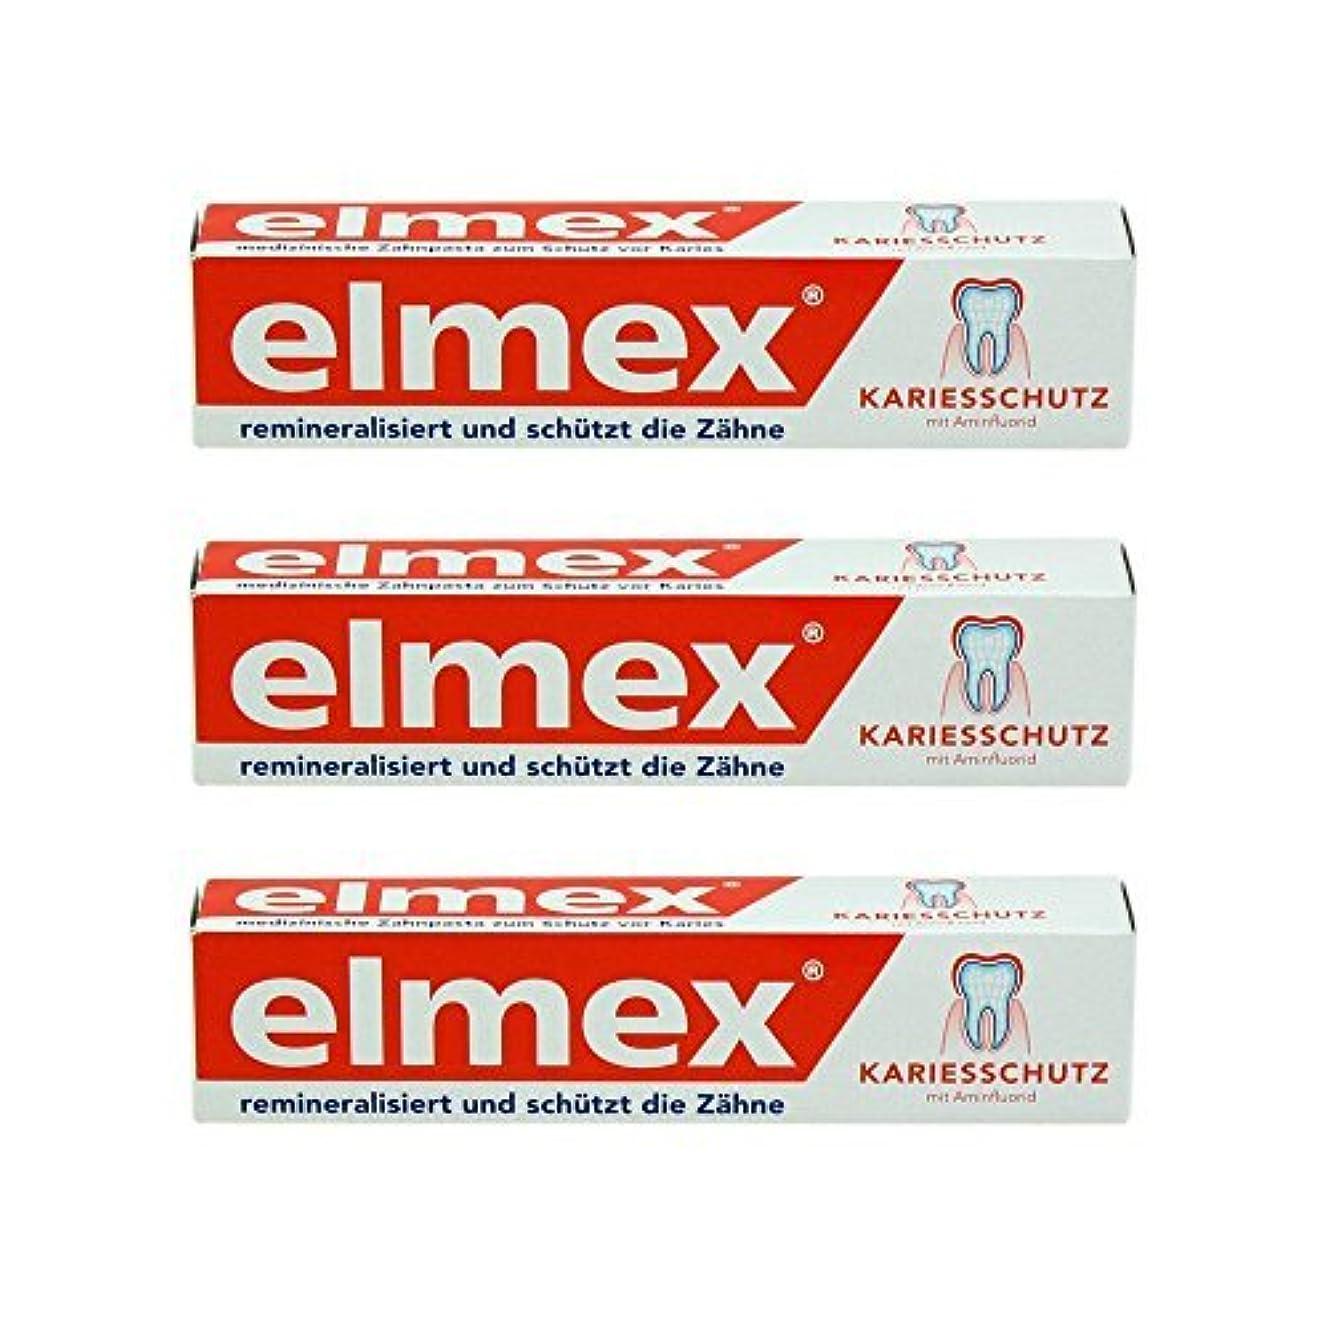 決めます涙が出る銀河ELMEX Caries Protection Toothpaste with Amine Fluoride 3 x 75ml by Elemx